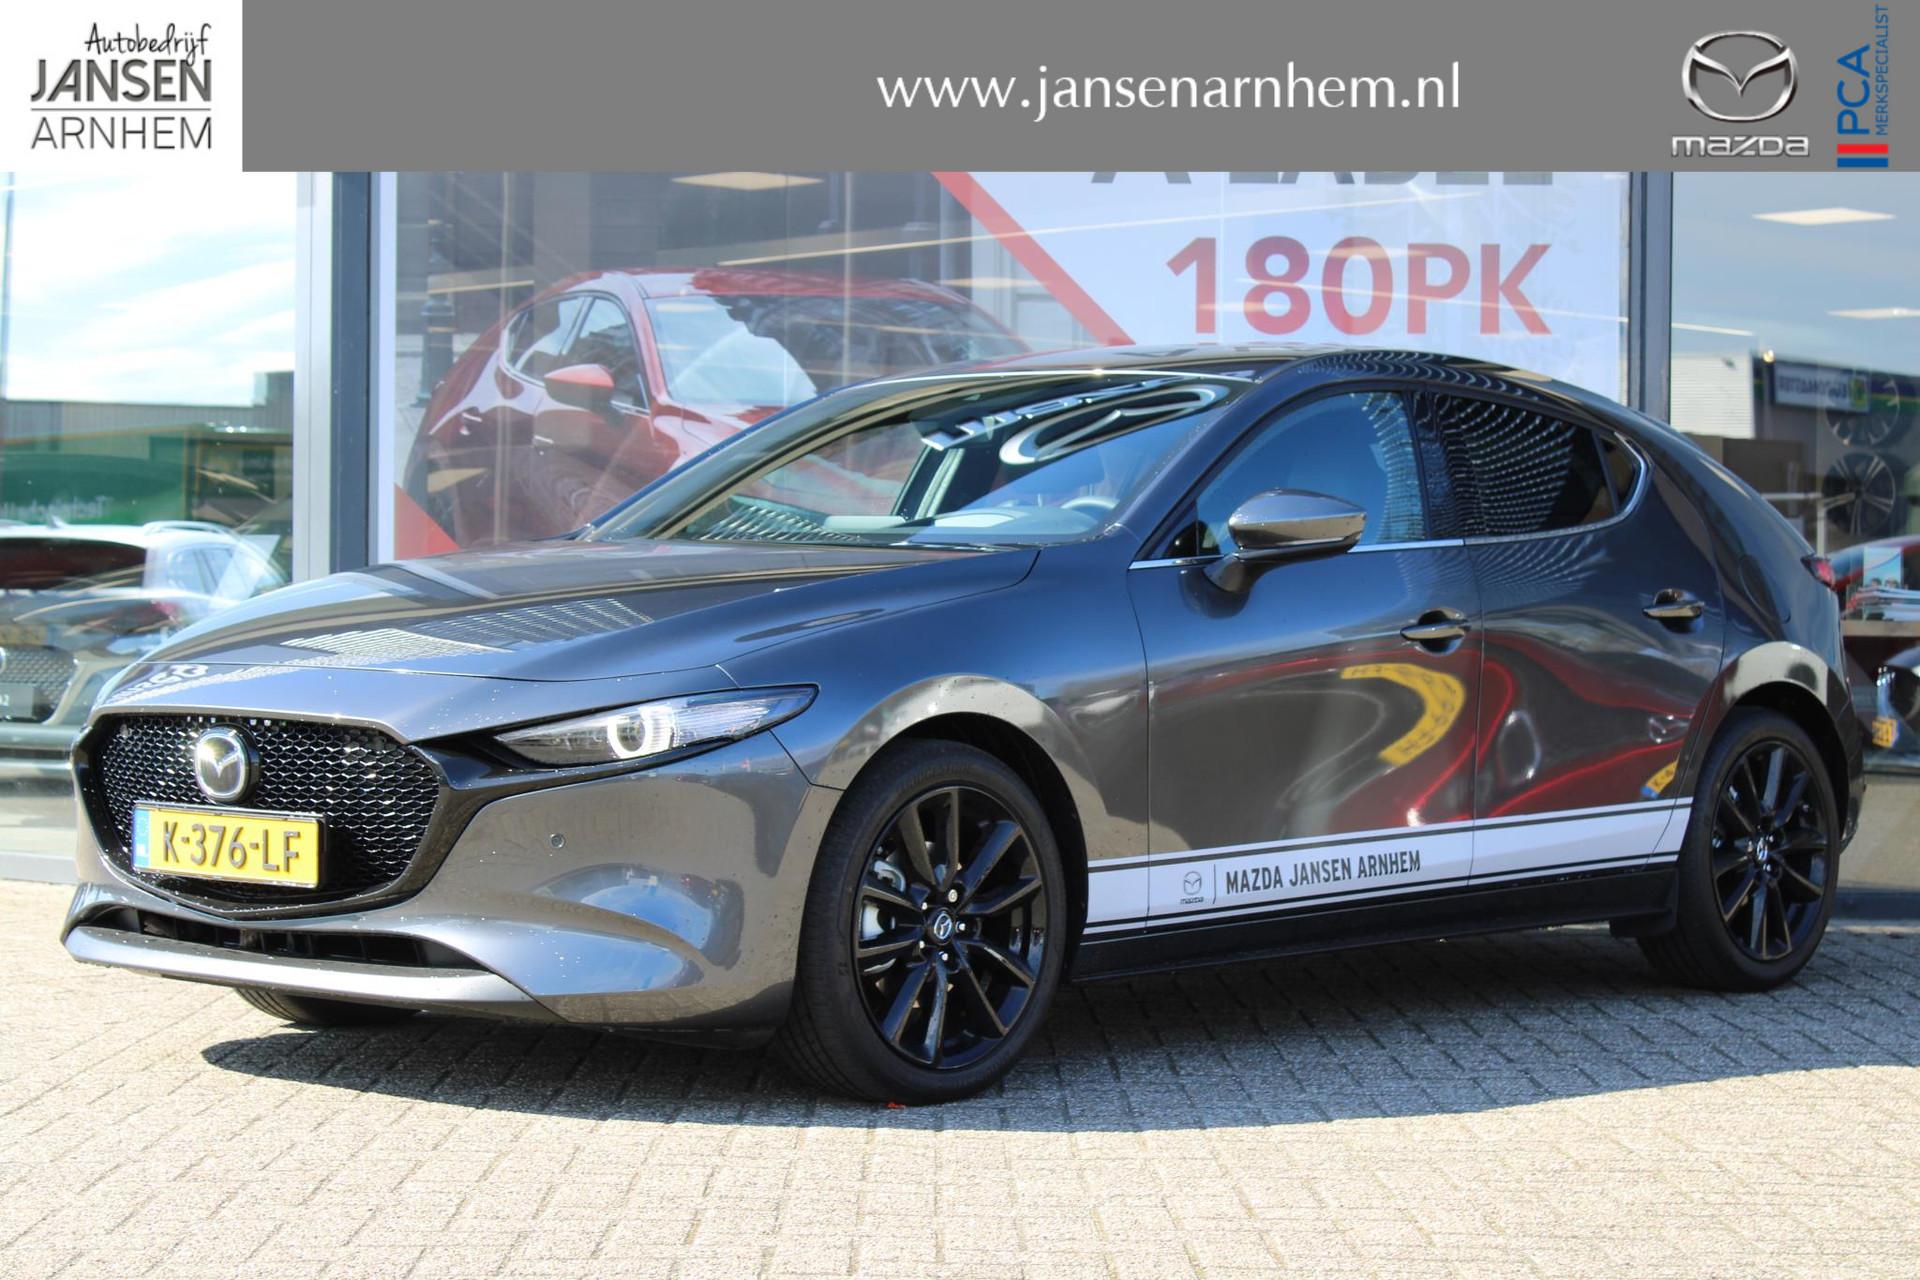 Mazda 3 2.0 SkyActiv-X 180PK Luxury , Demo voordeel van € 2.000,- , Autom